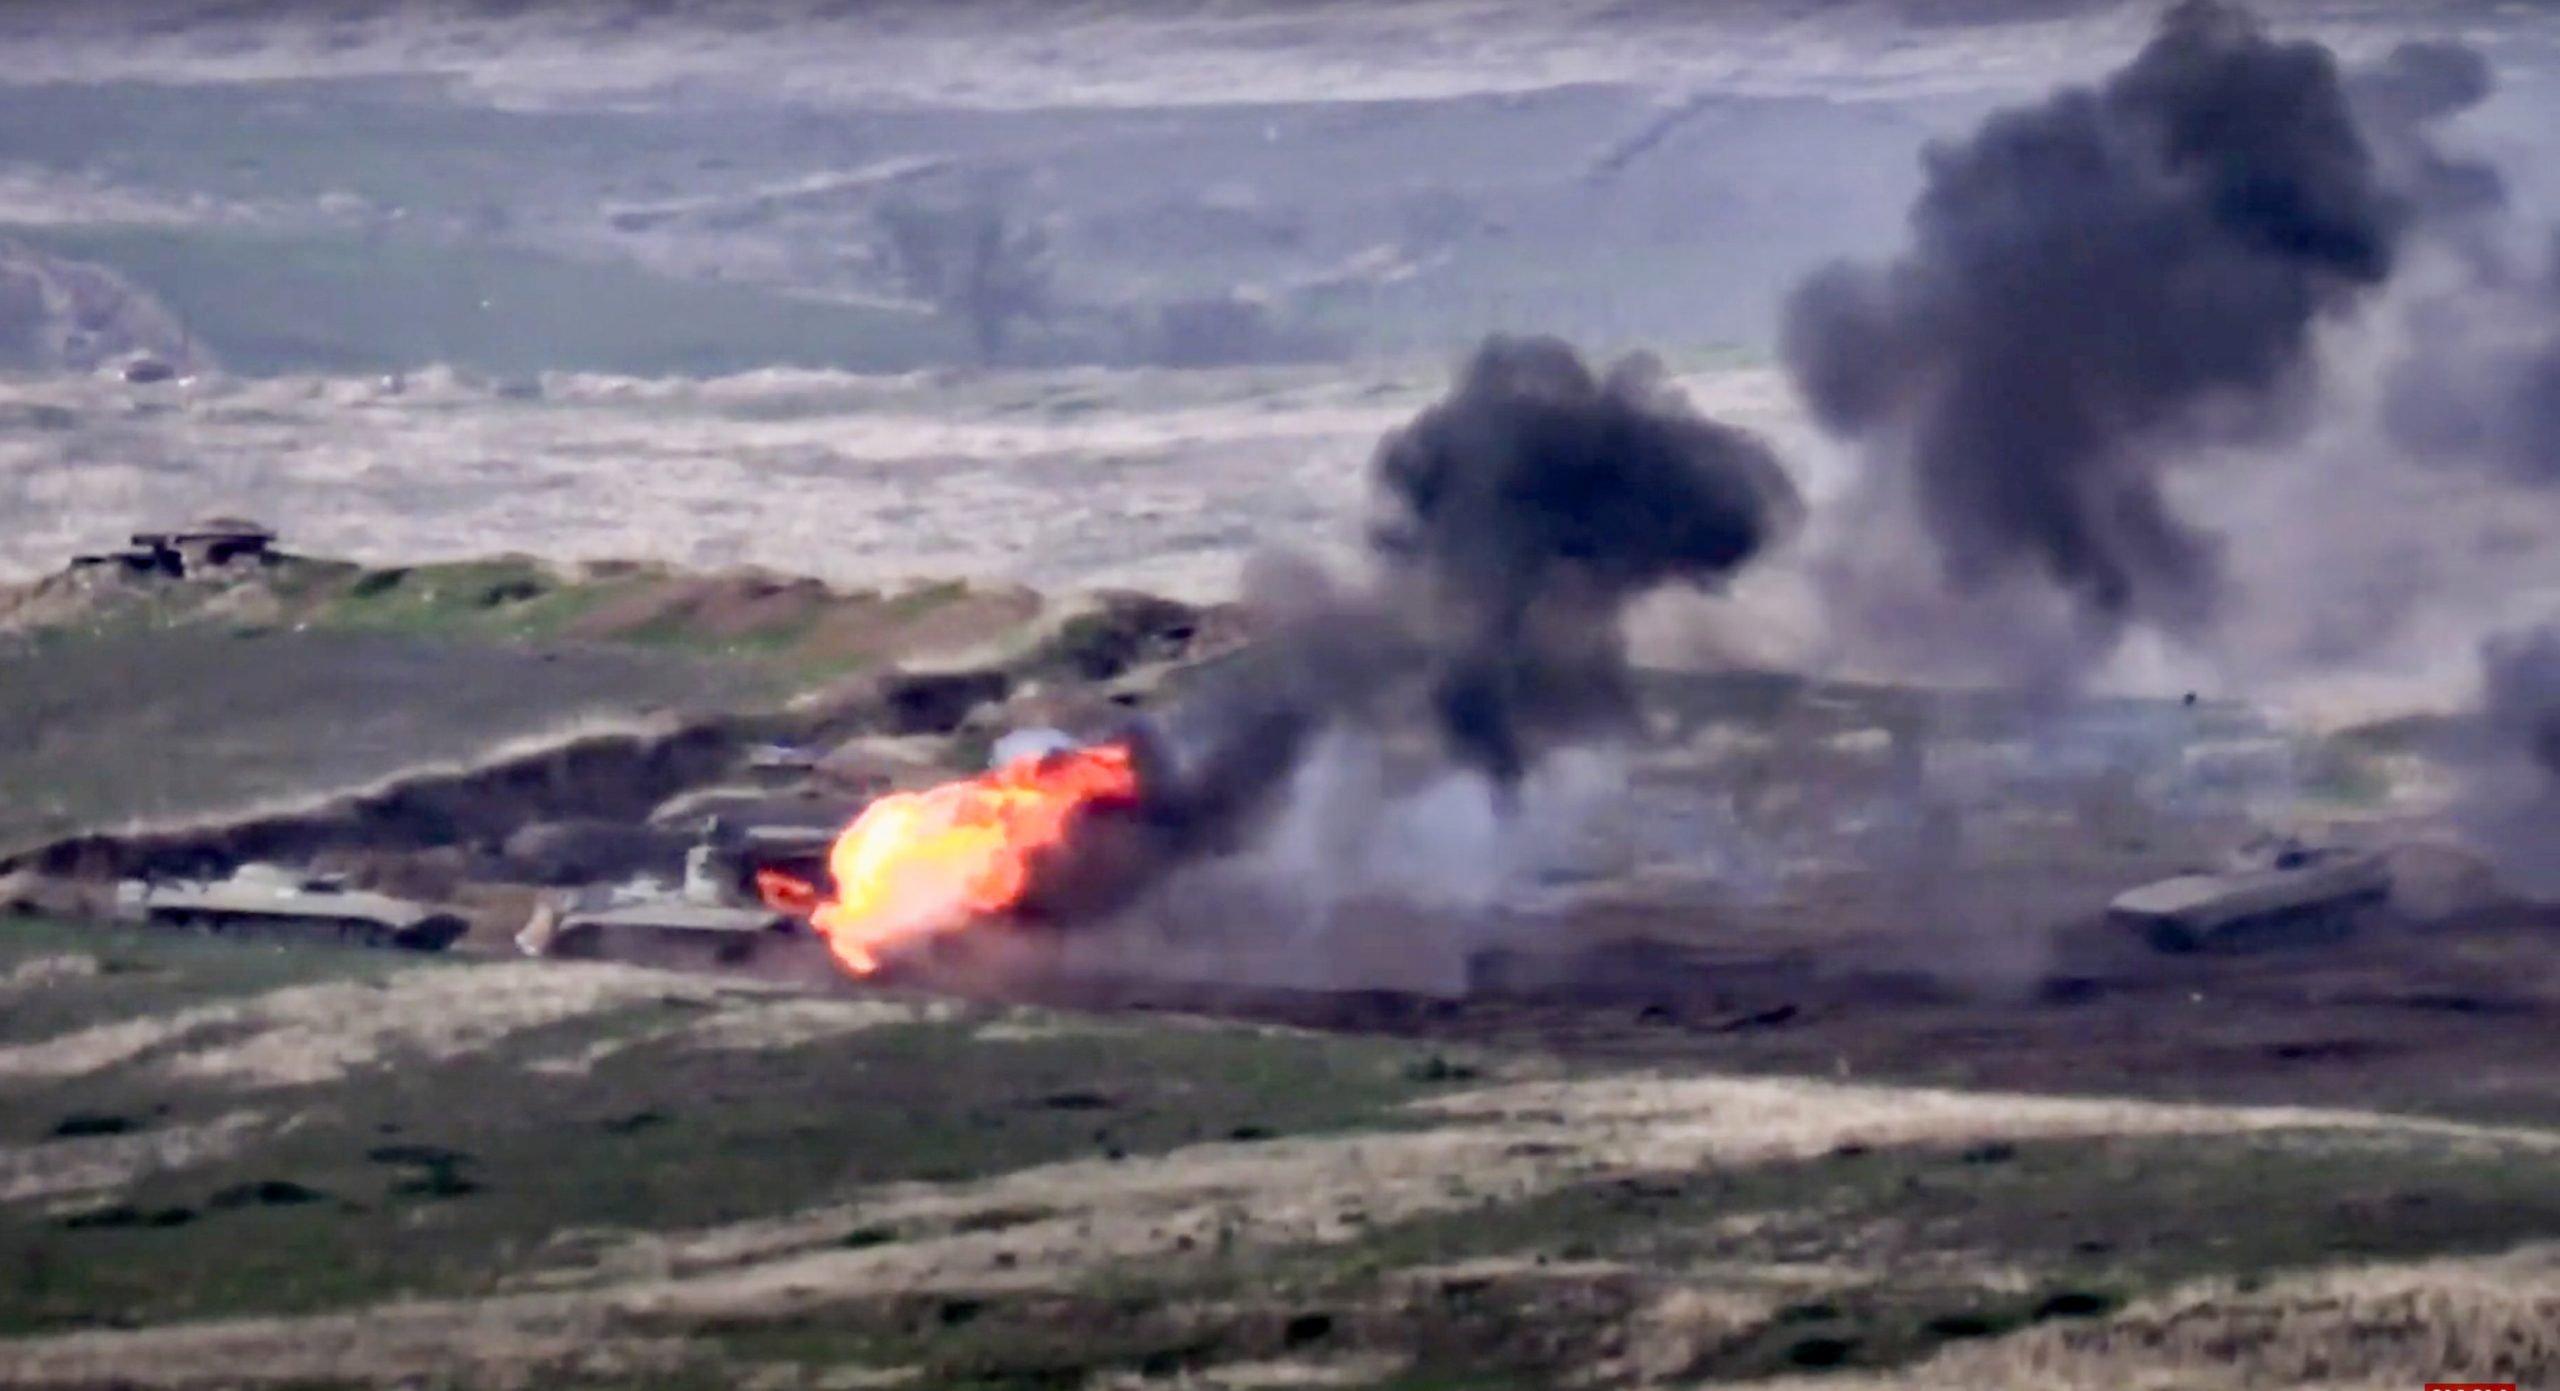 CRNI BILANS drugog dana rata! Vlasti Nagorno-Karabaha saopštile: Poginulo još 26 jermenskih vojnika